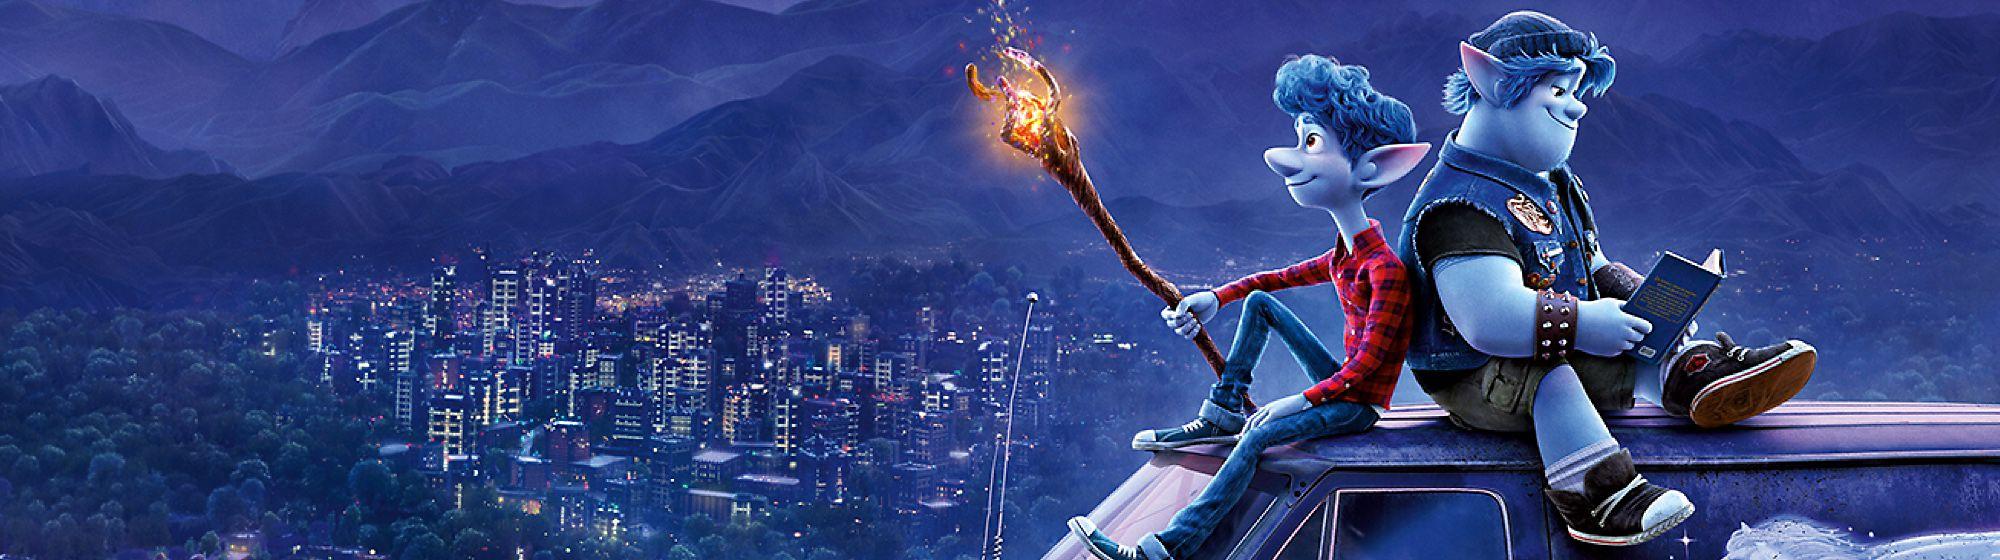 Onward Únete a Ian y Barley en la épica aventura que vivirán en Onward, la próxima película de Disney Pixar. Adéntrate en un mundo de fantasía suburbana con nuestra colección de peluches, artículos de papelería y mucho más.